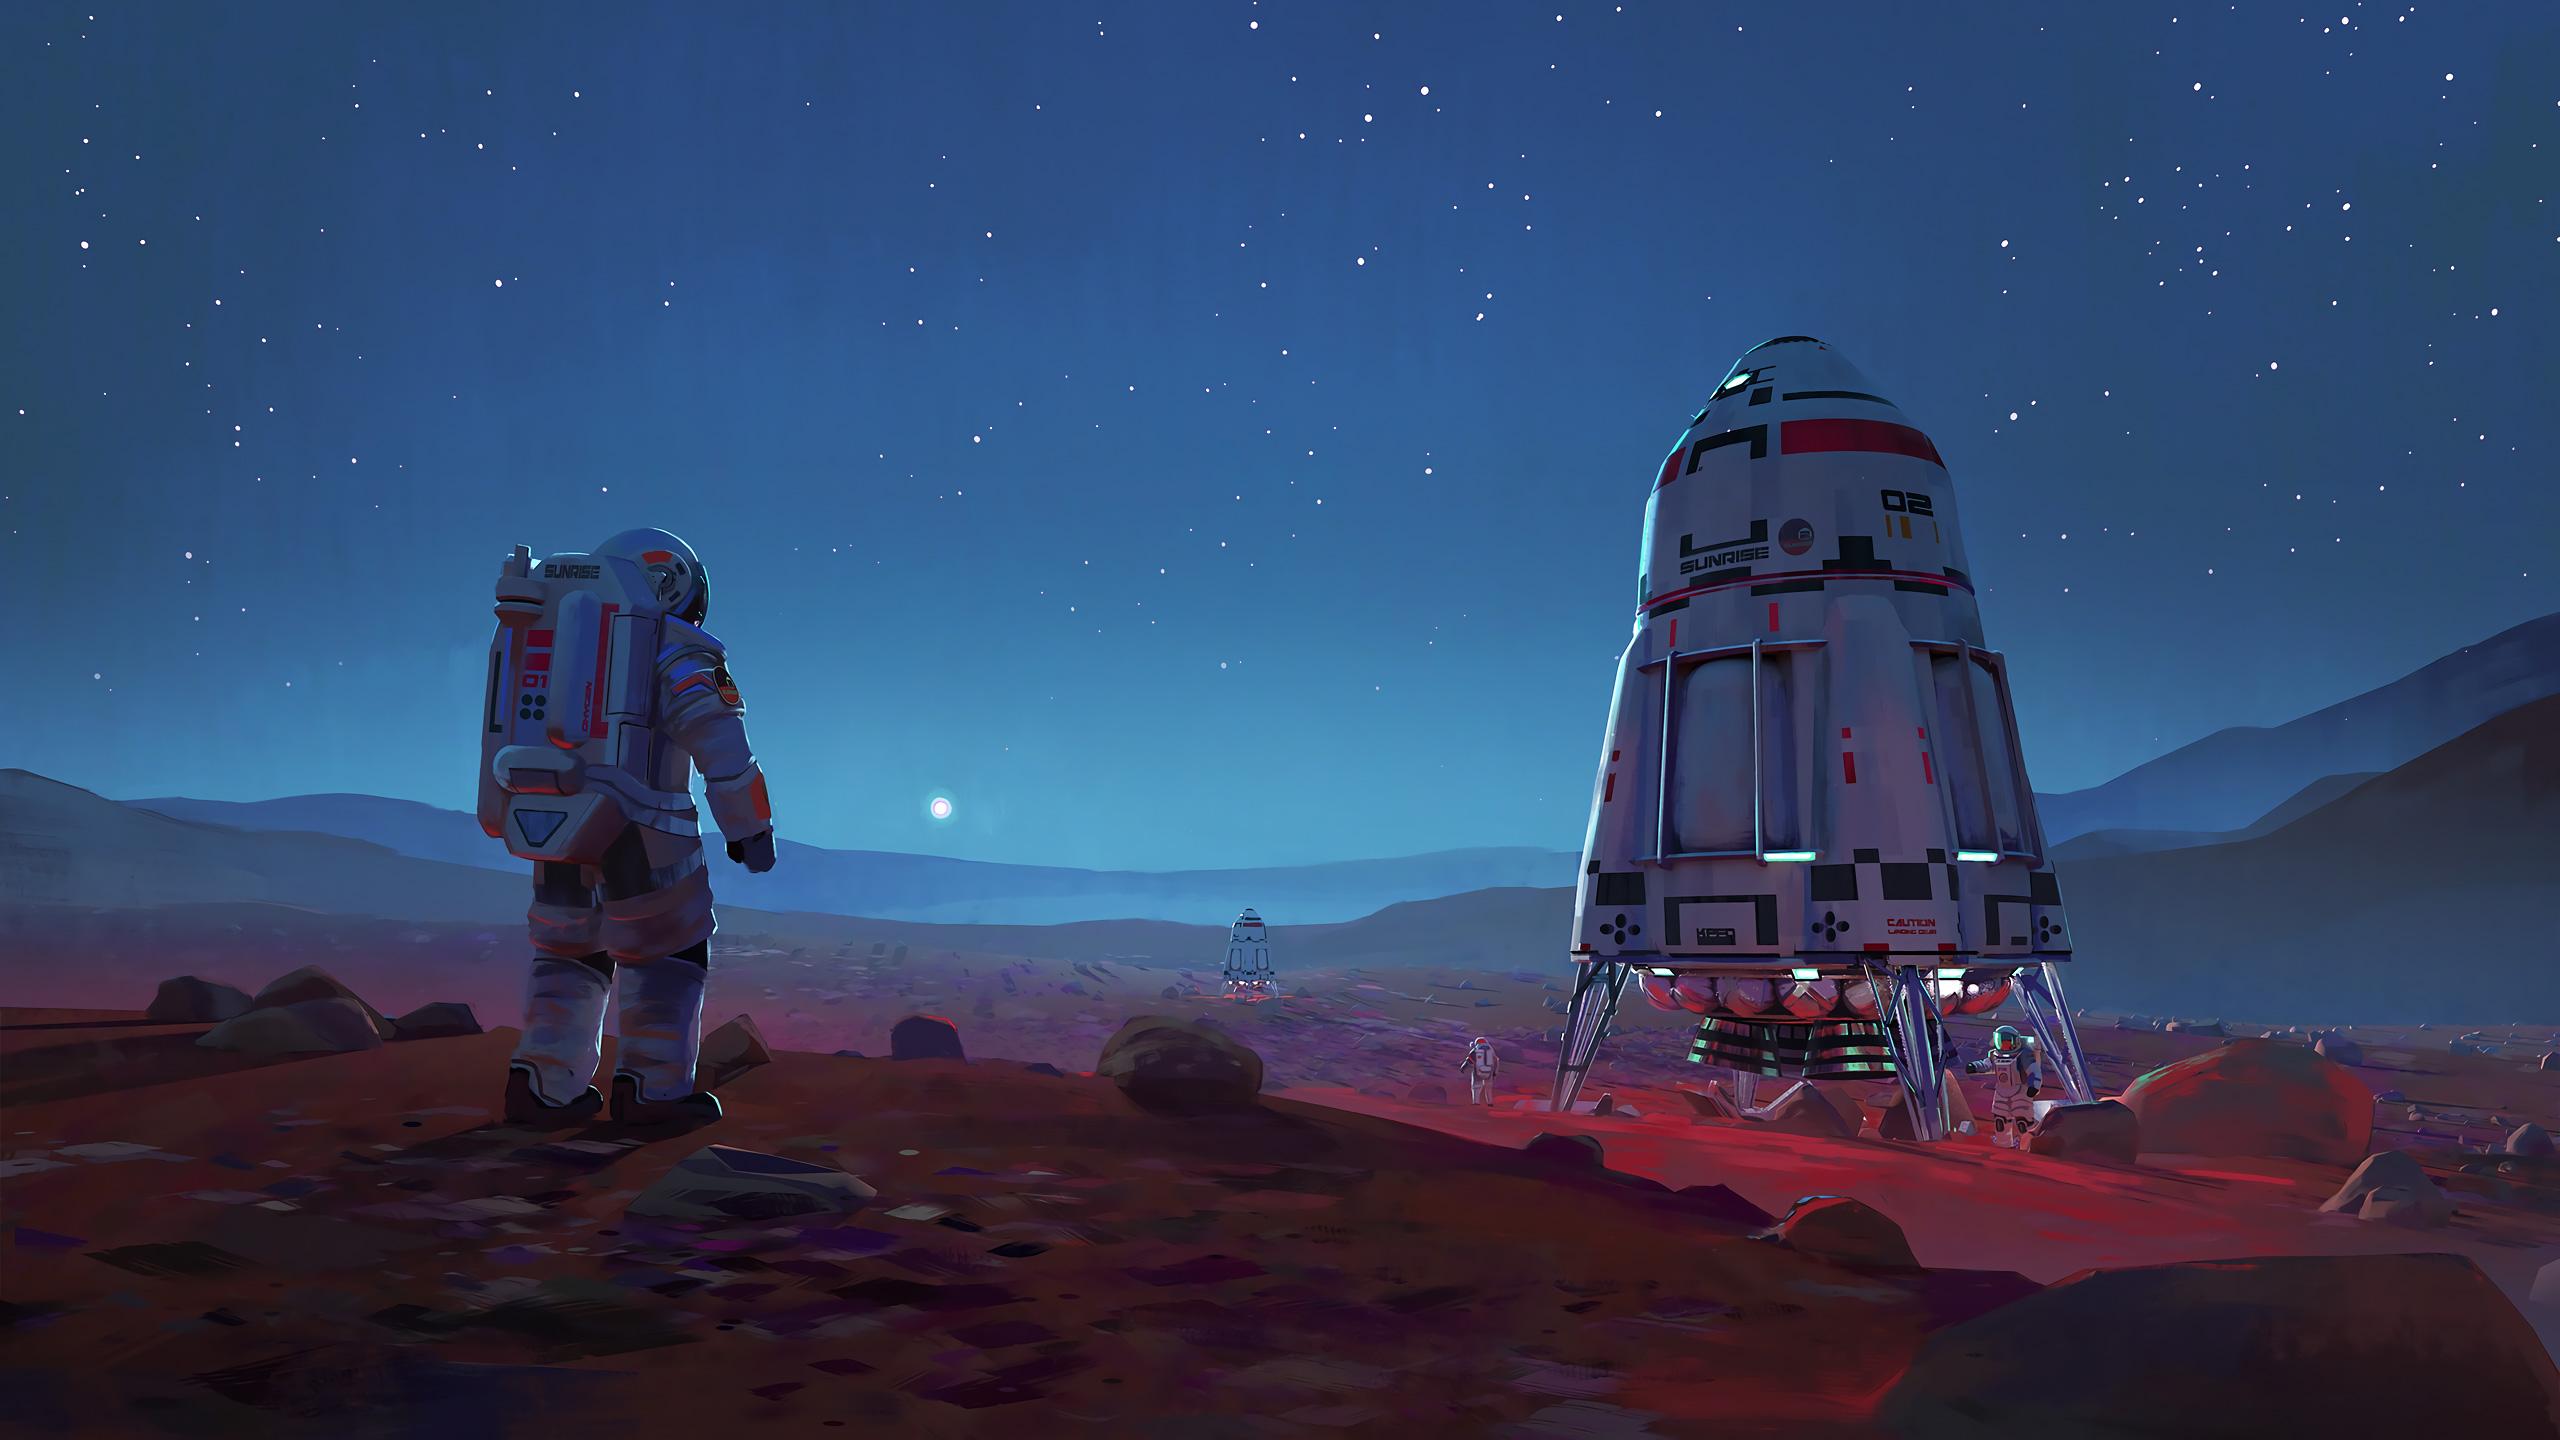 Астронавт Марс обои скачать